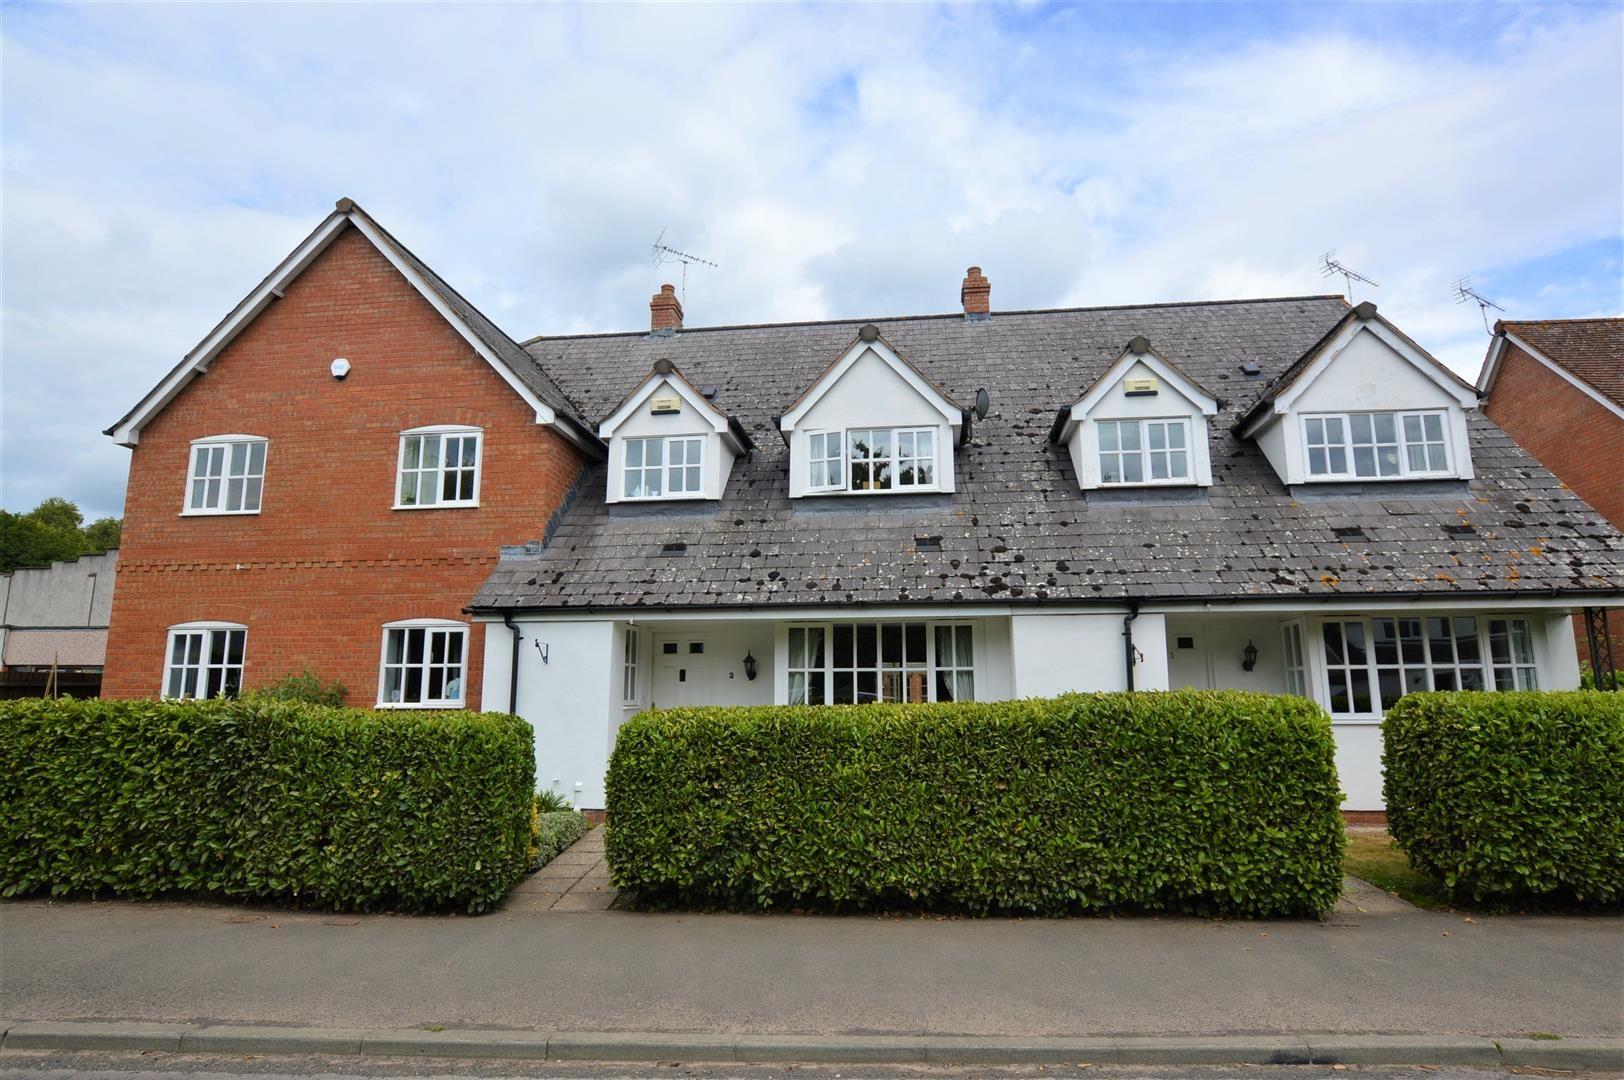 3 bed terraced for sale in Eardisley, HR3